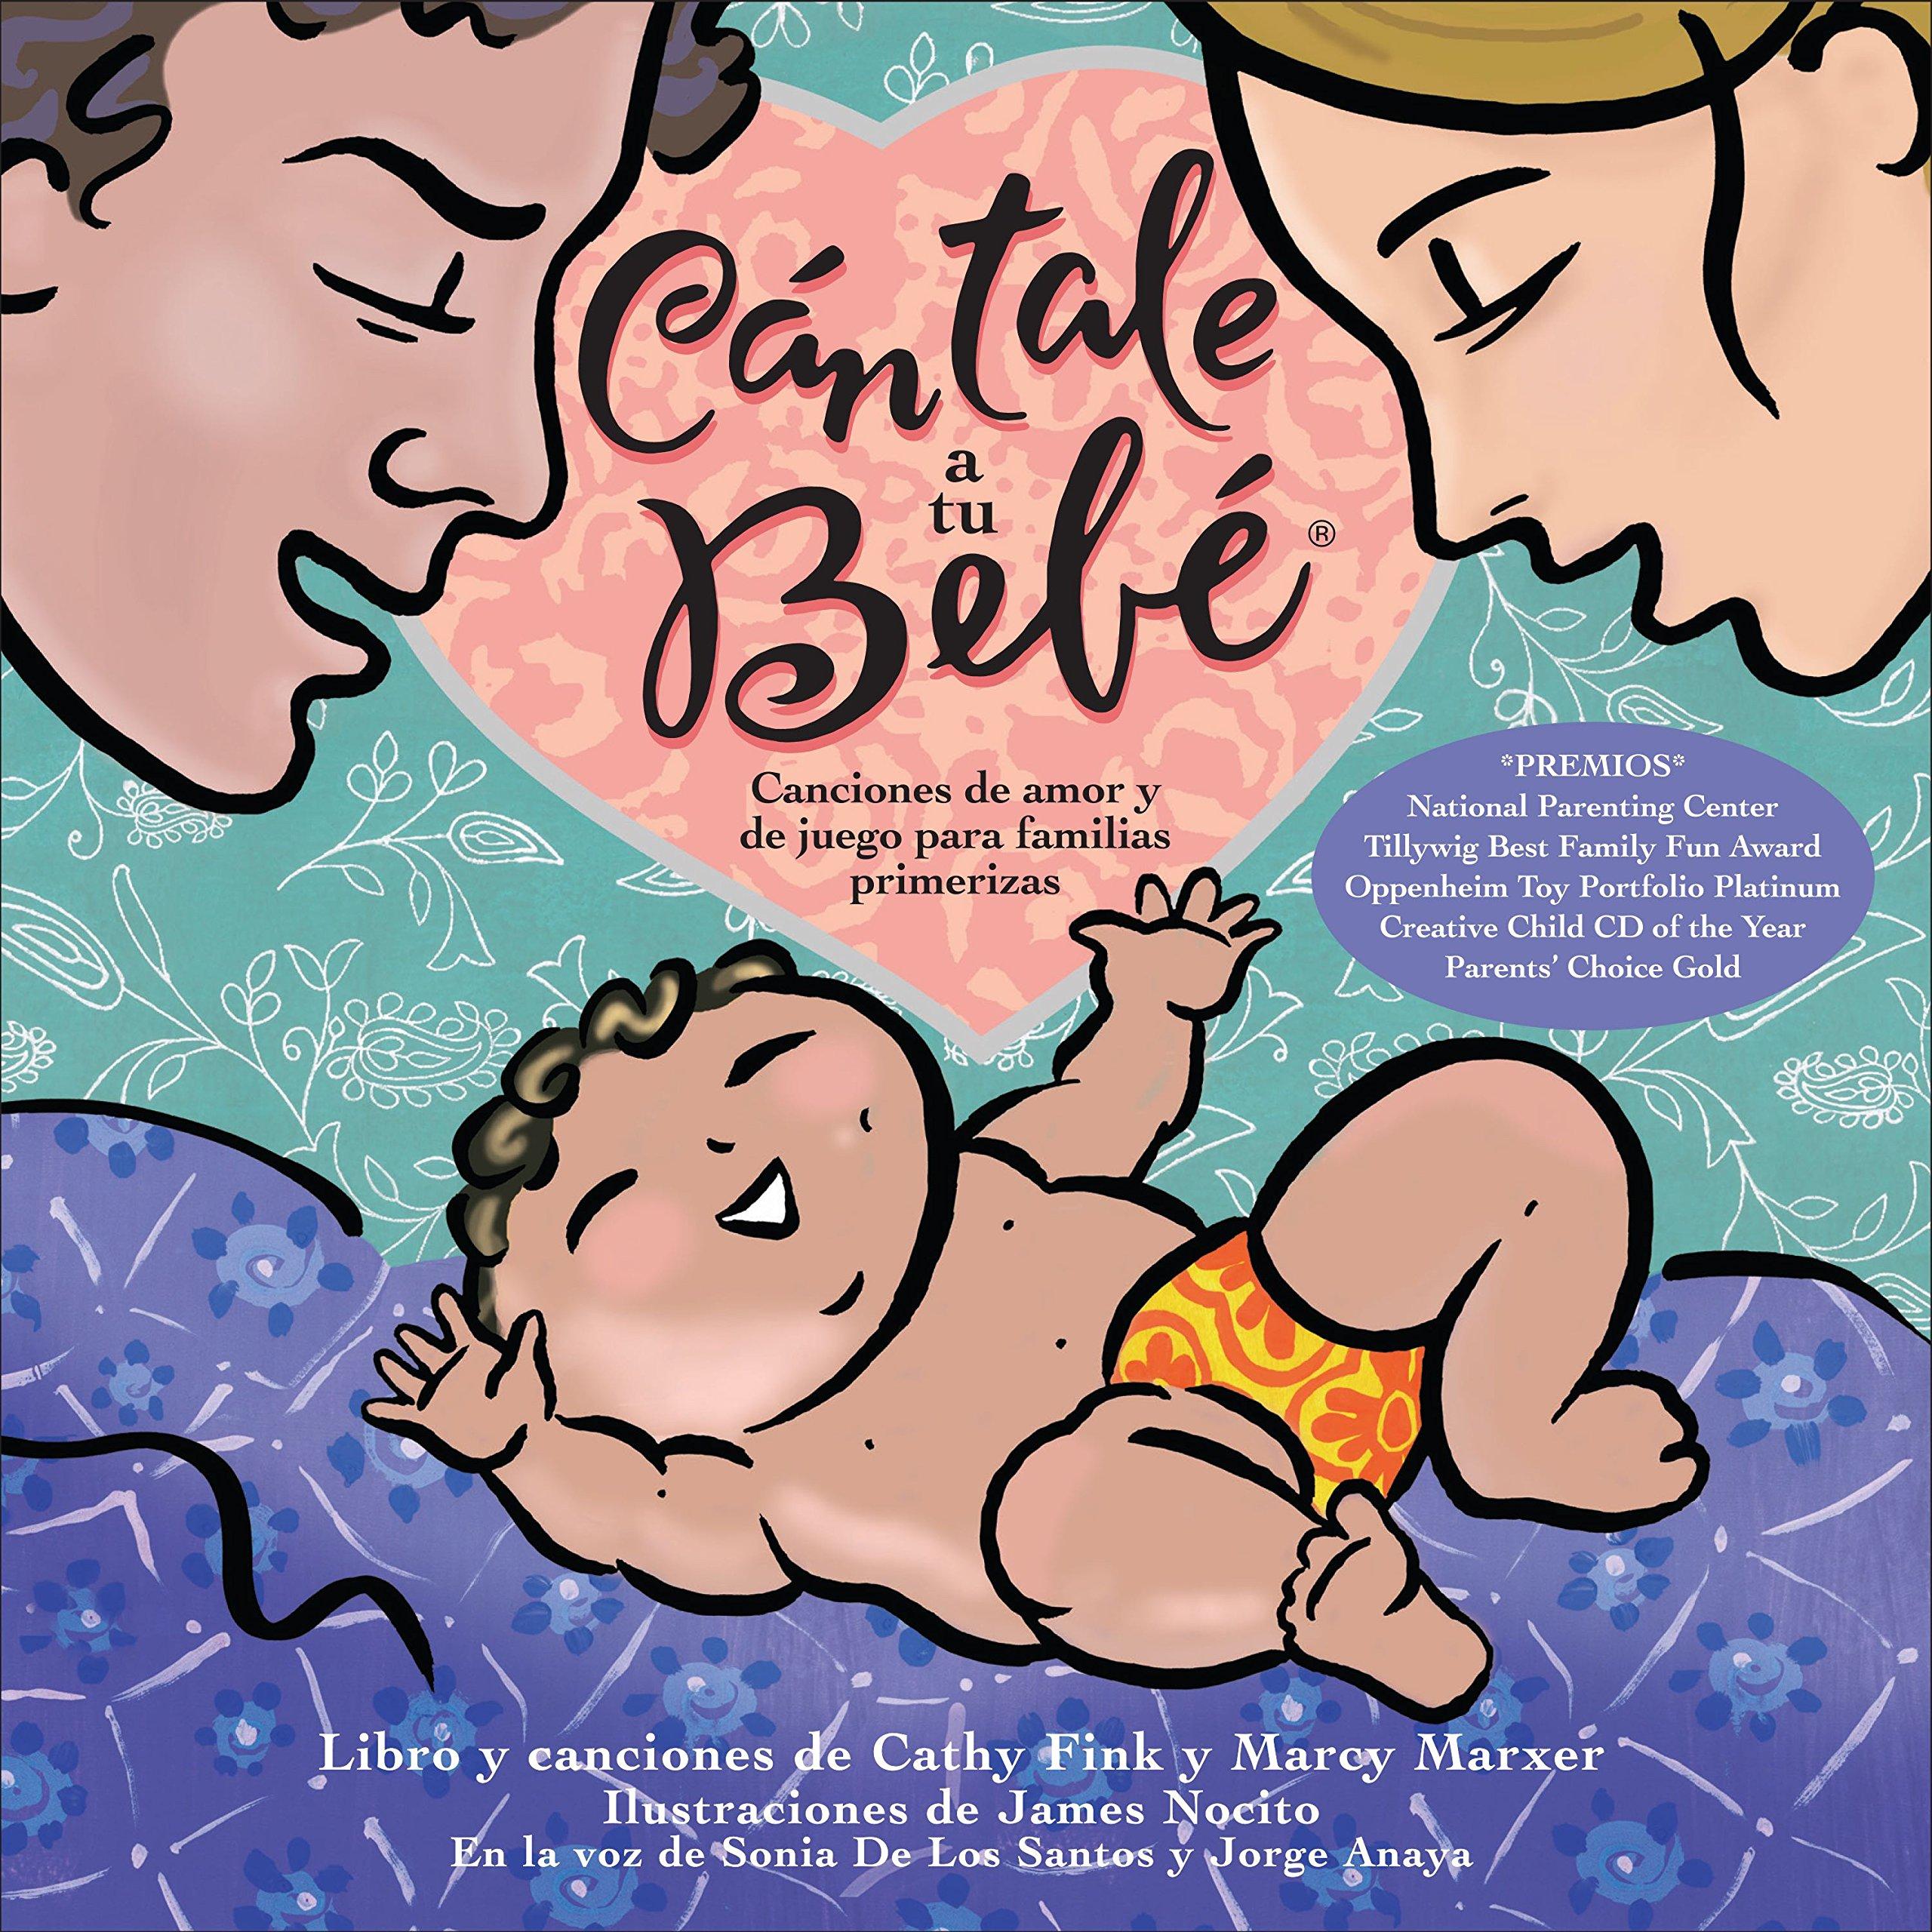 Cántale a tu bebé by Cathy Fink & Marcy Marxer | SLJ Review